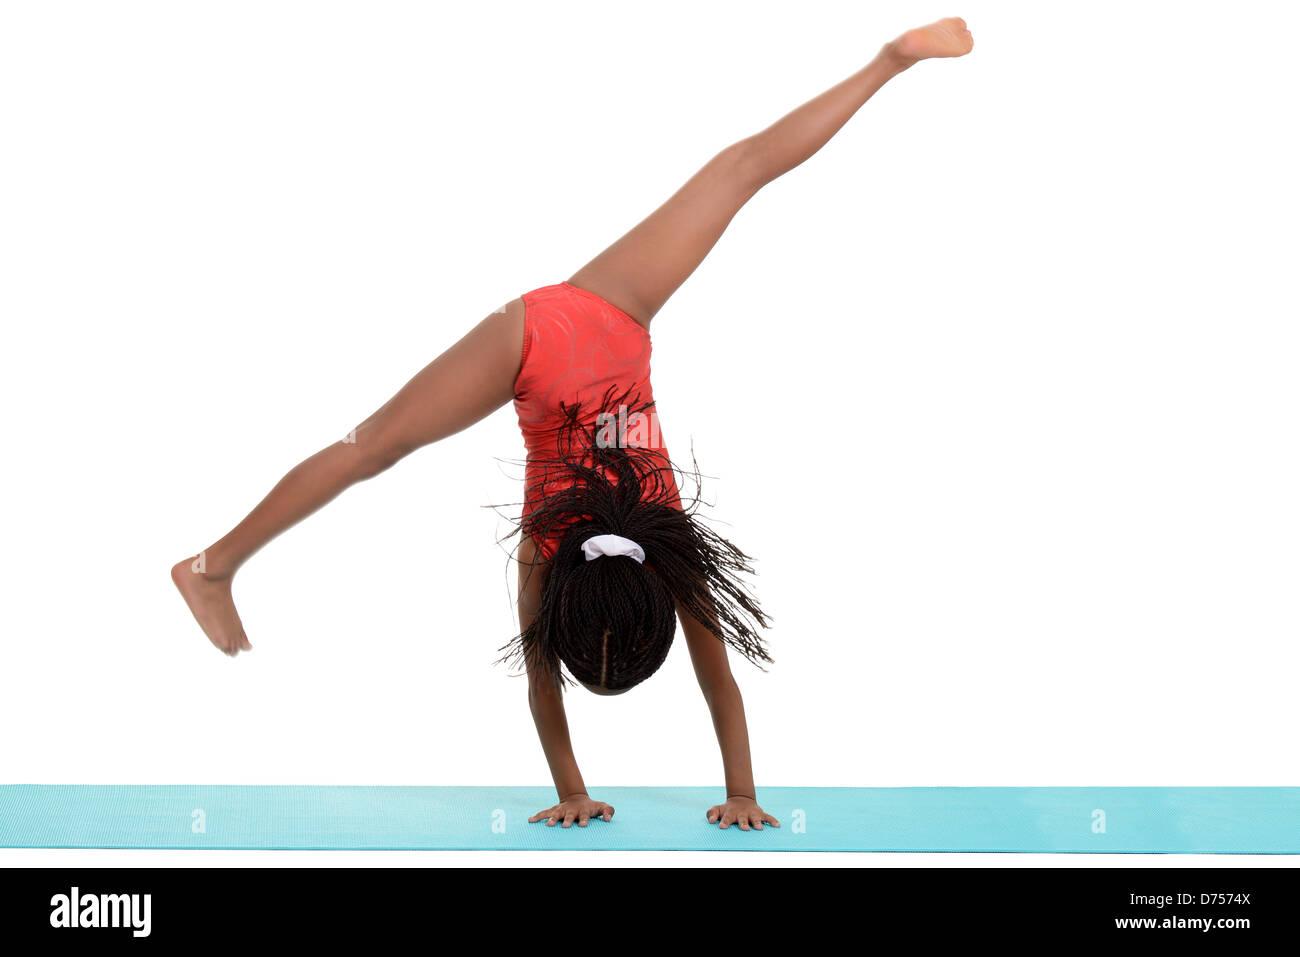 Joven negro niña haciendo gimnasia cartwheel desenfoque de movimiento Imagen De Stock